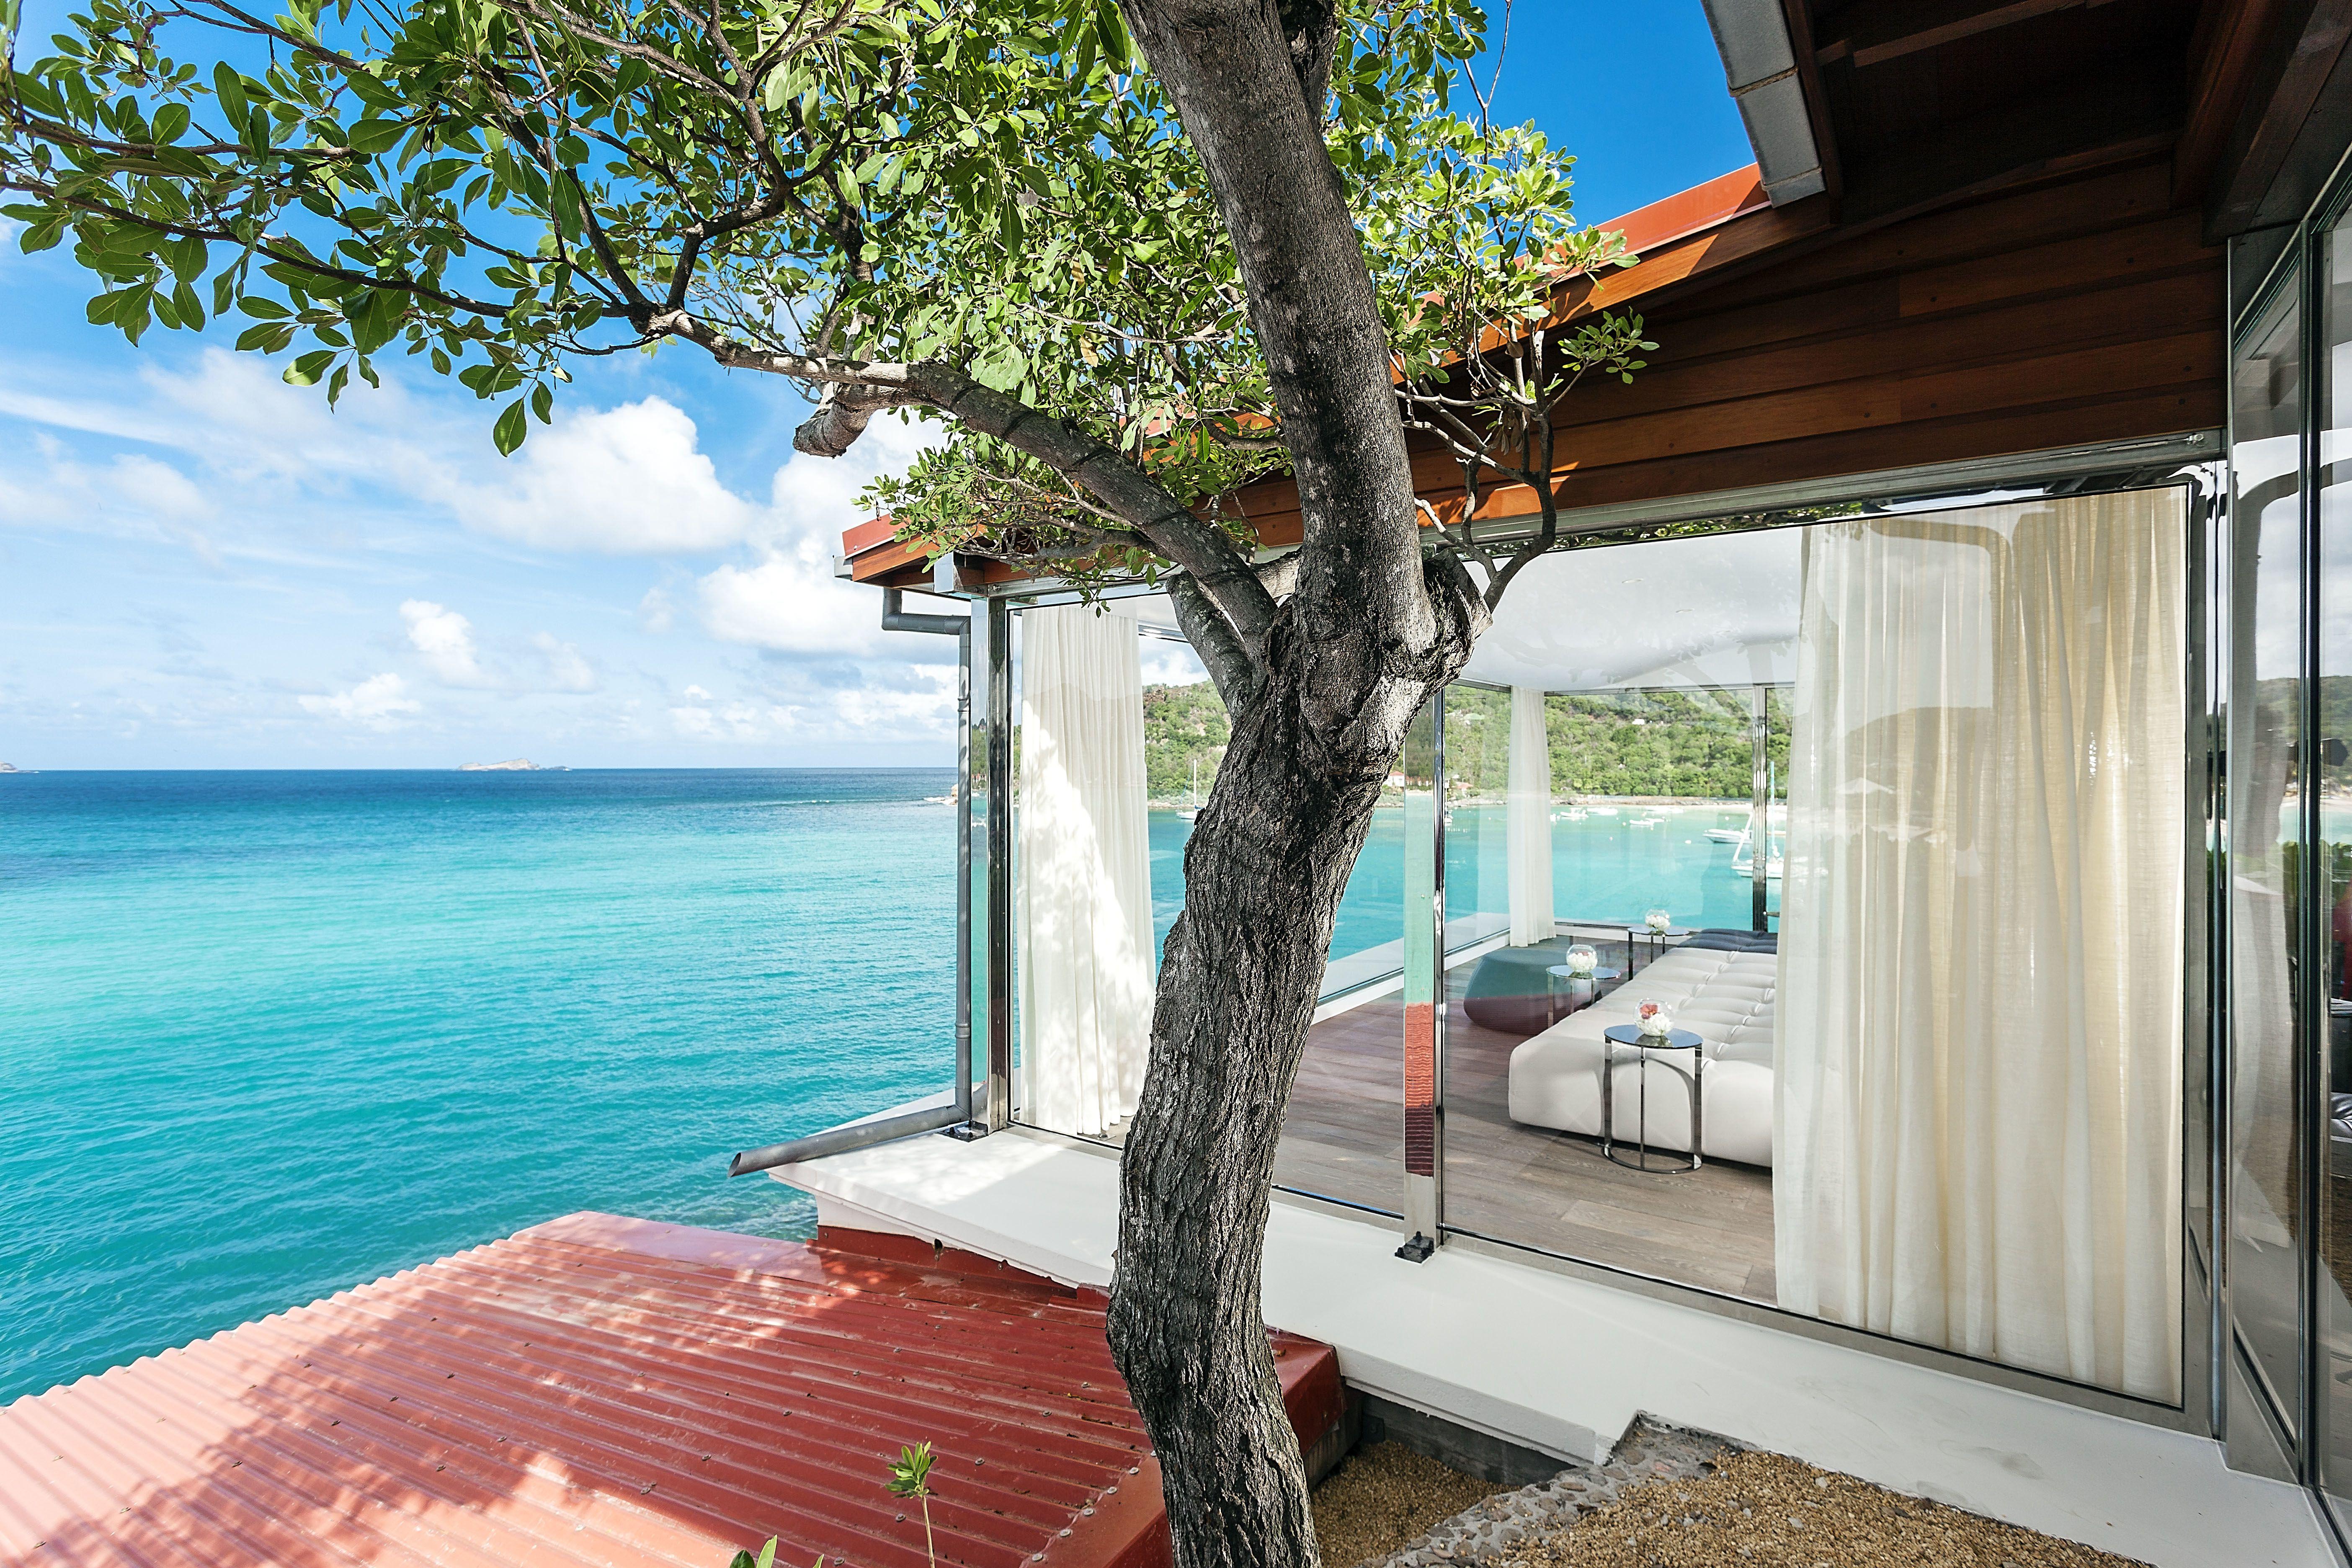 12 extraordinary hotel suites around the world | eden rock, hotel